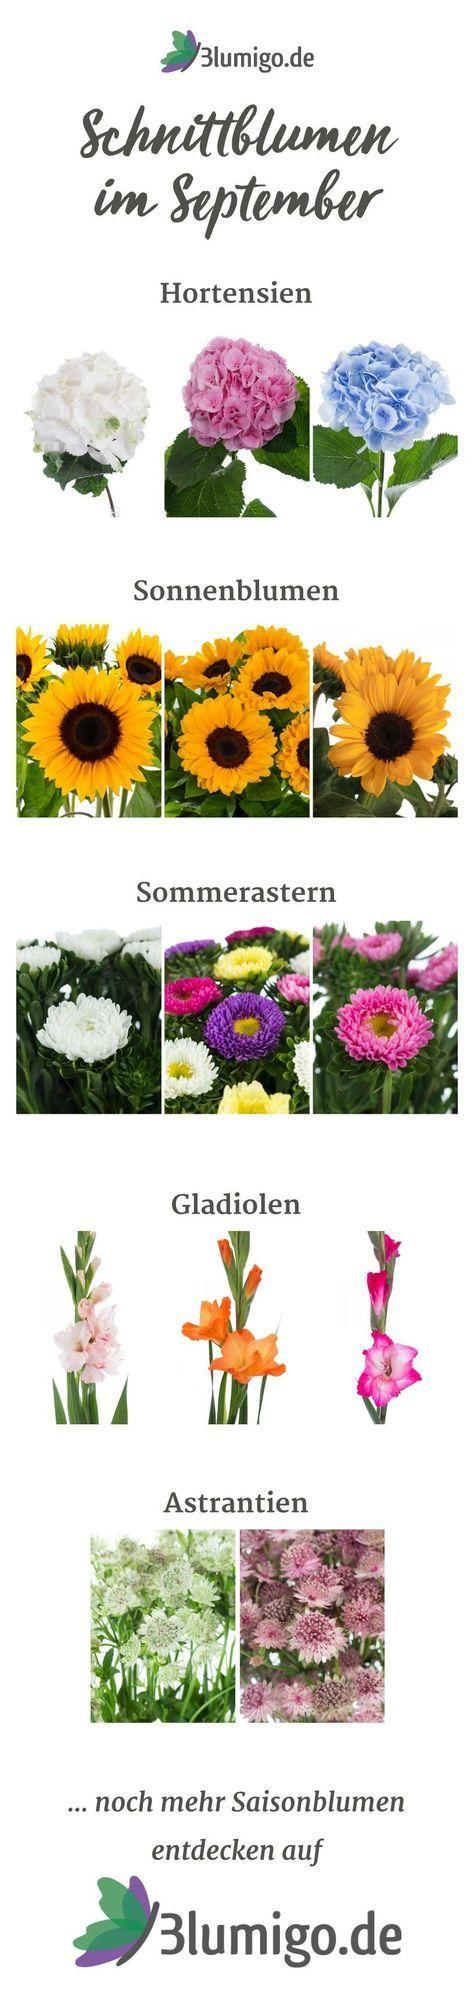 List Of Pinterest Floristik Sommer 2018 Images Floristik Sommer